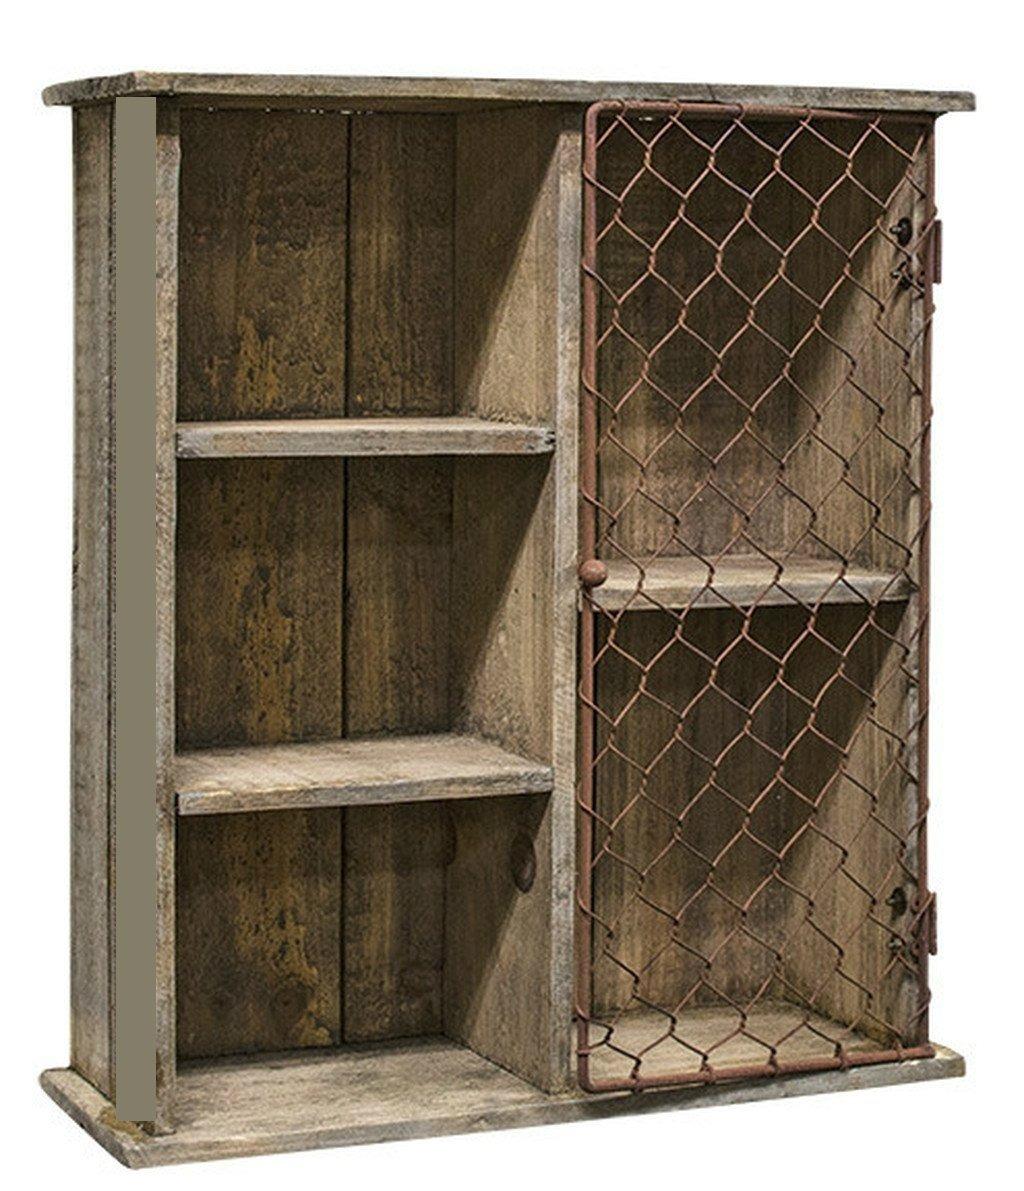 Botiquin gabinete de madera para ba o puerta d metal for Gabinetes de bano en madera